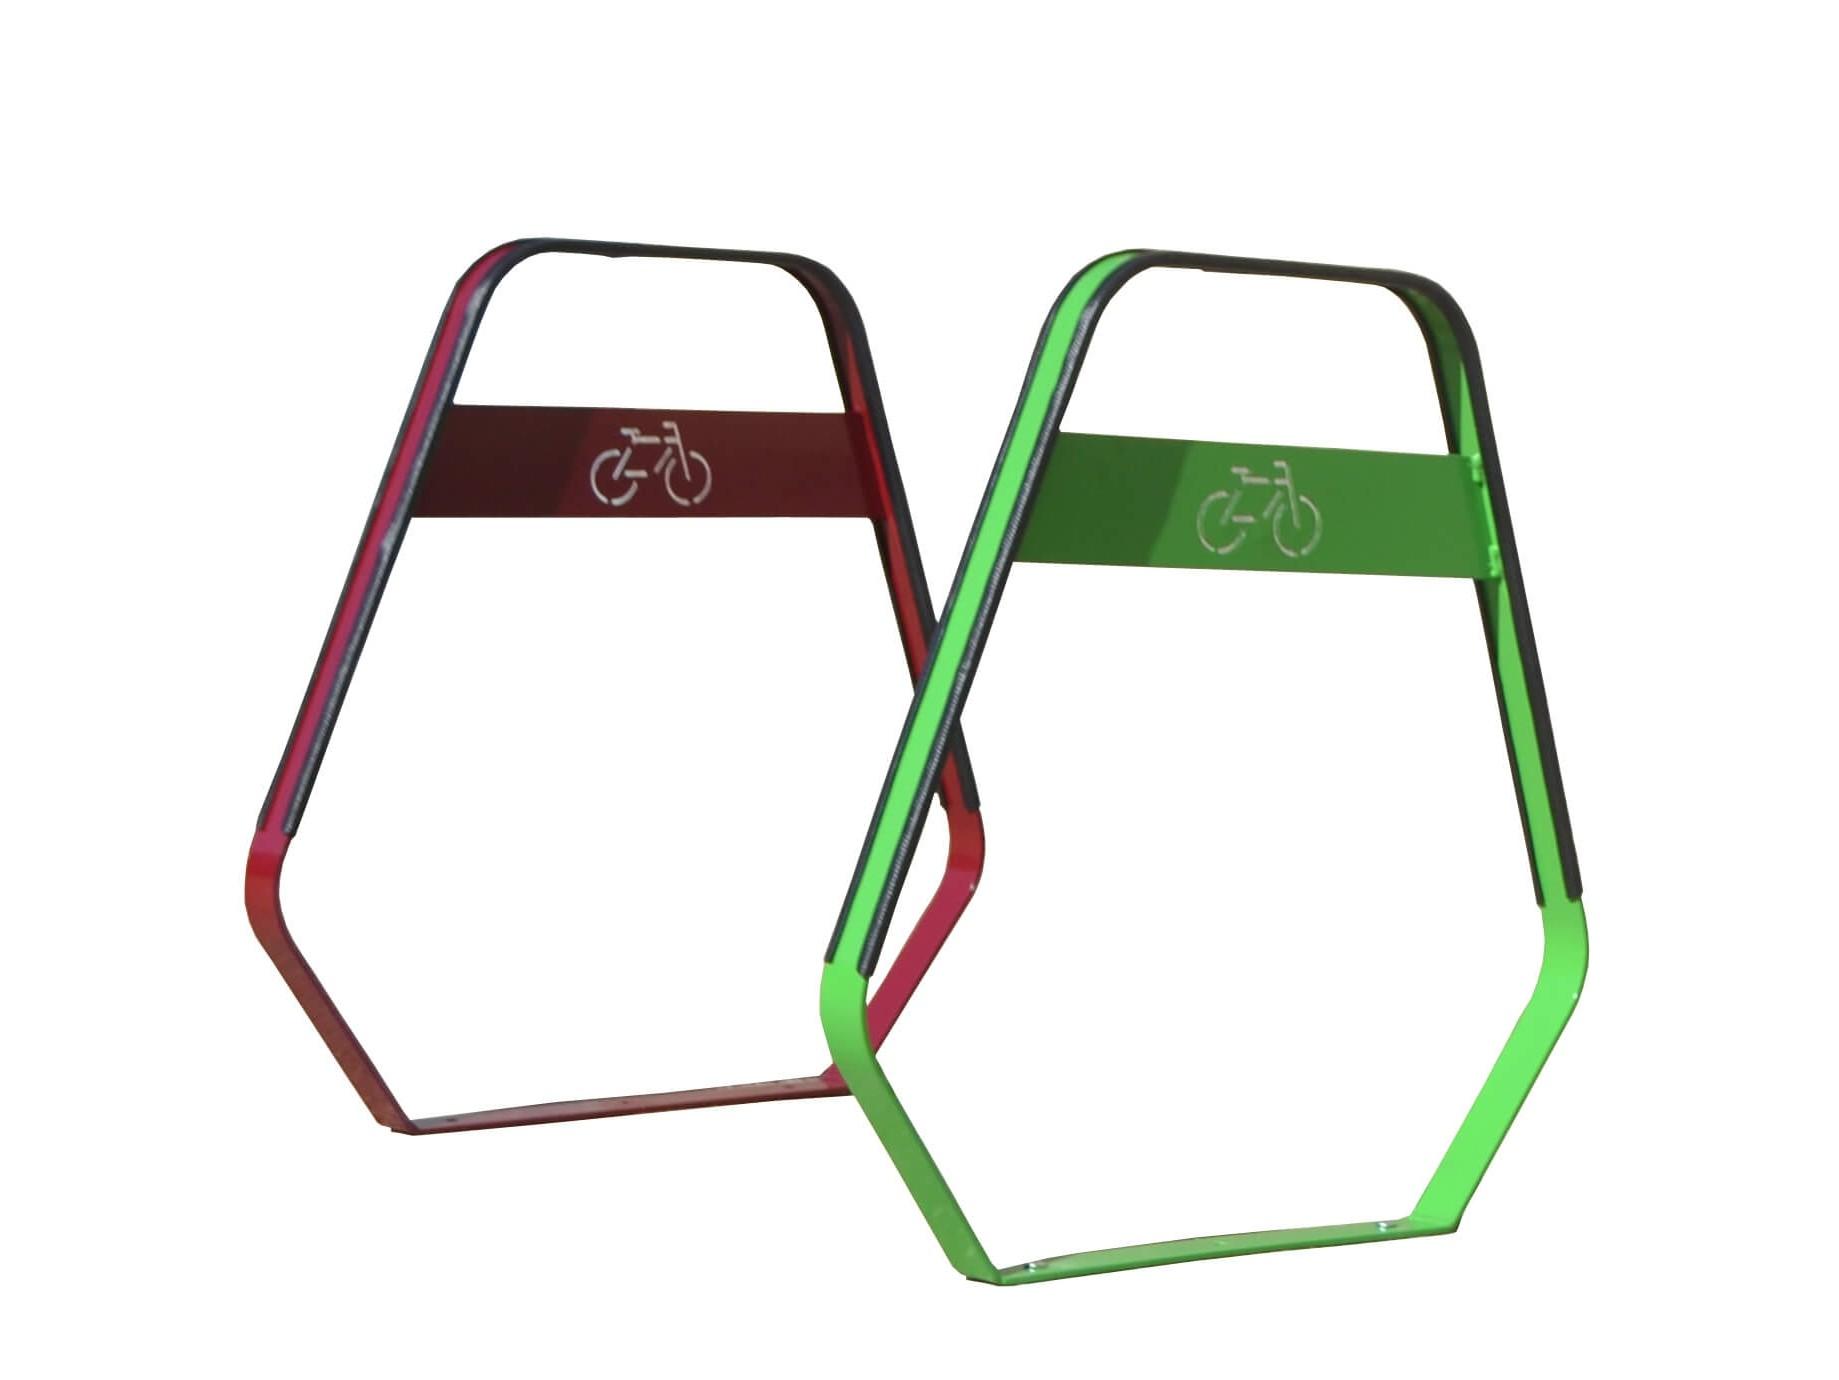 Groen en rood fietsenrek ook wel fietsbeugel genoemd ronde moderne vorm en wat afgeronde hoeken en een fiets afgebeeld in staal